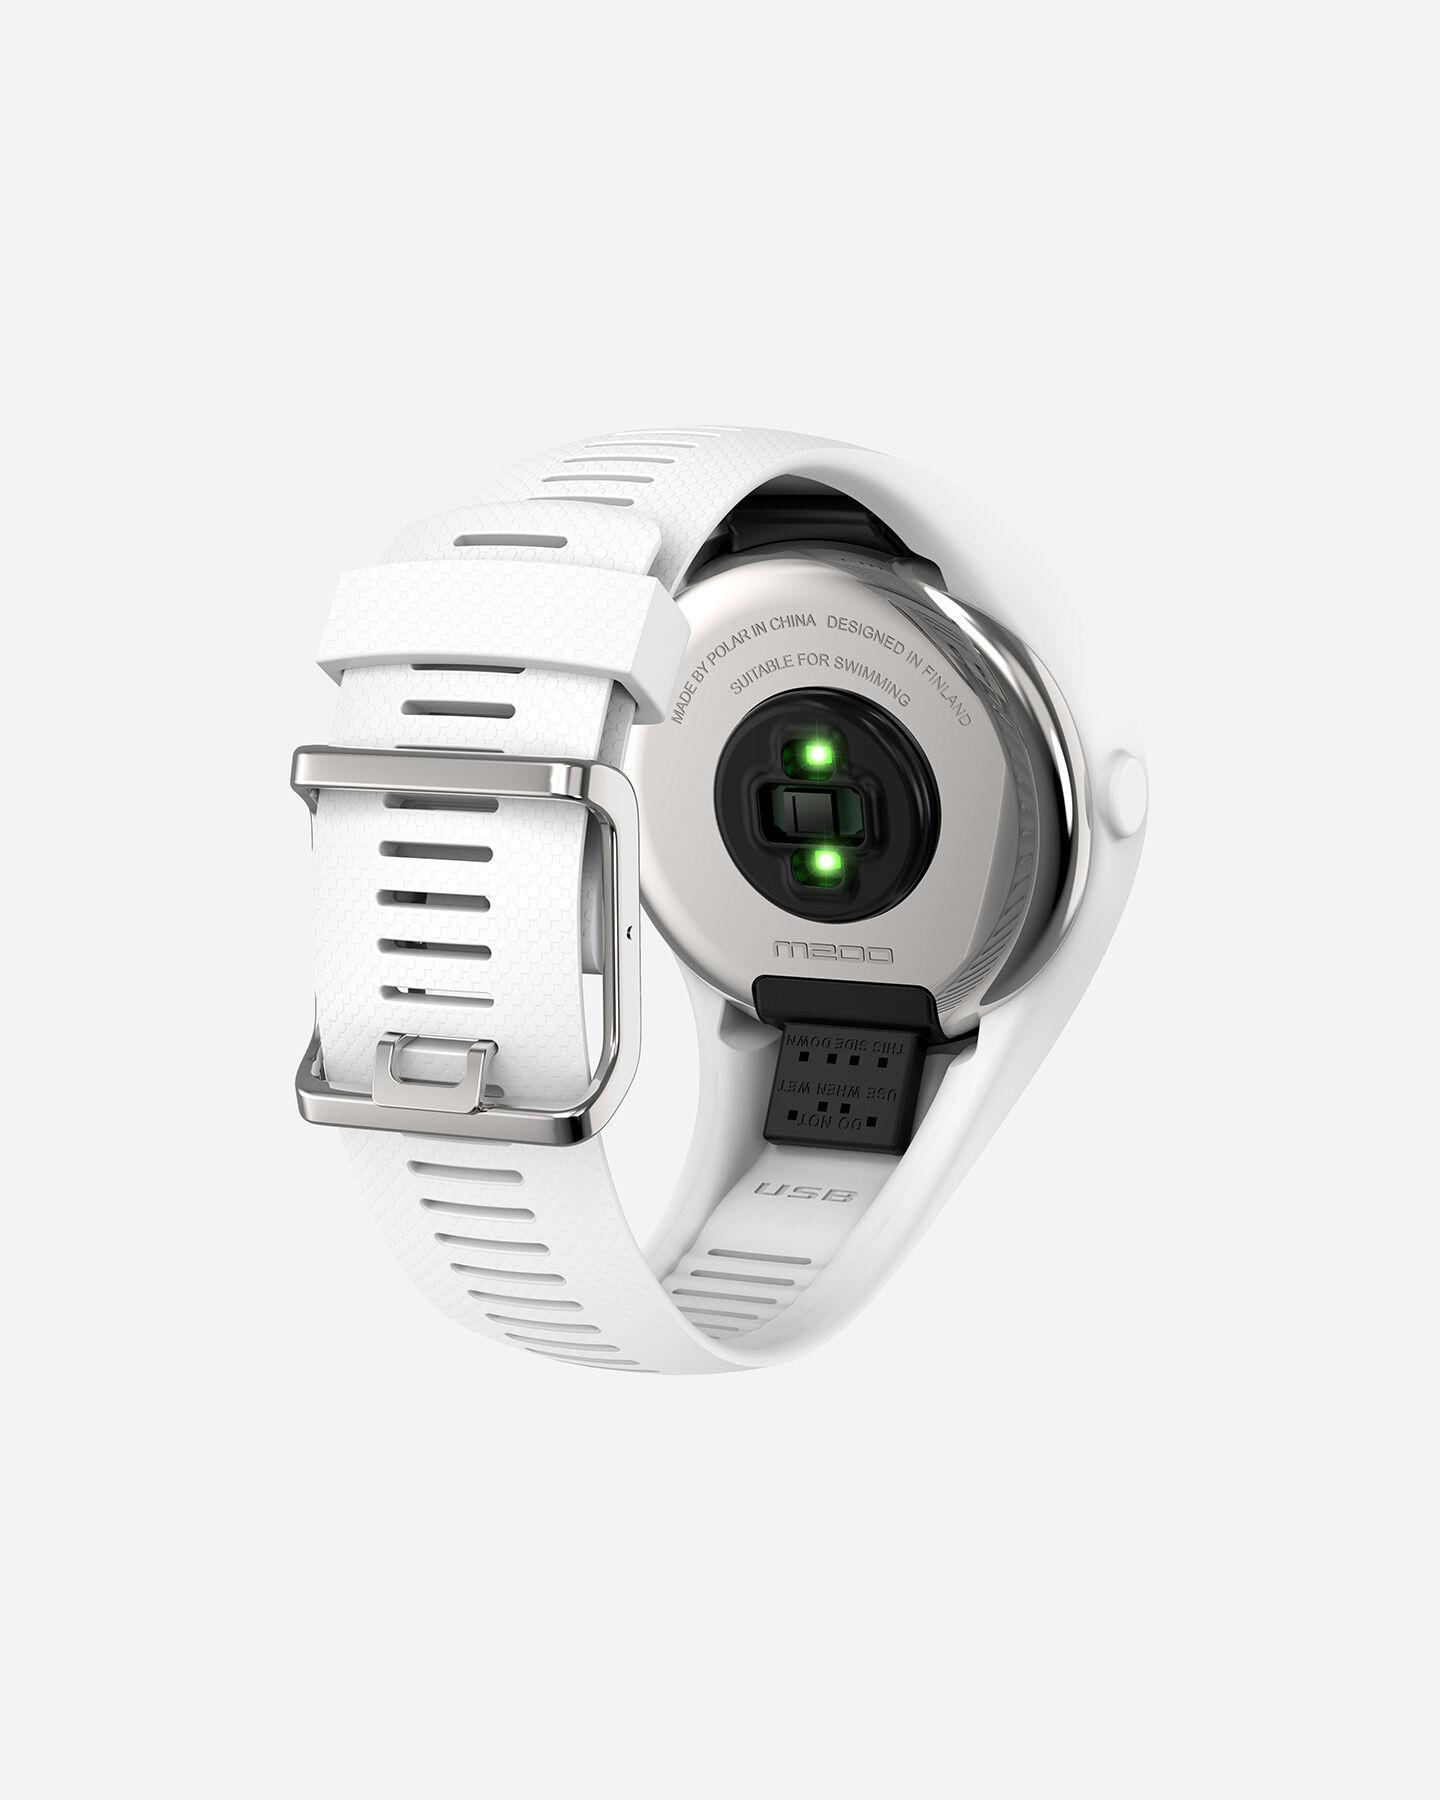 Orologio multifunzione POLAR M200 S4042536 1 UNI scatto 2